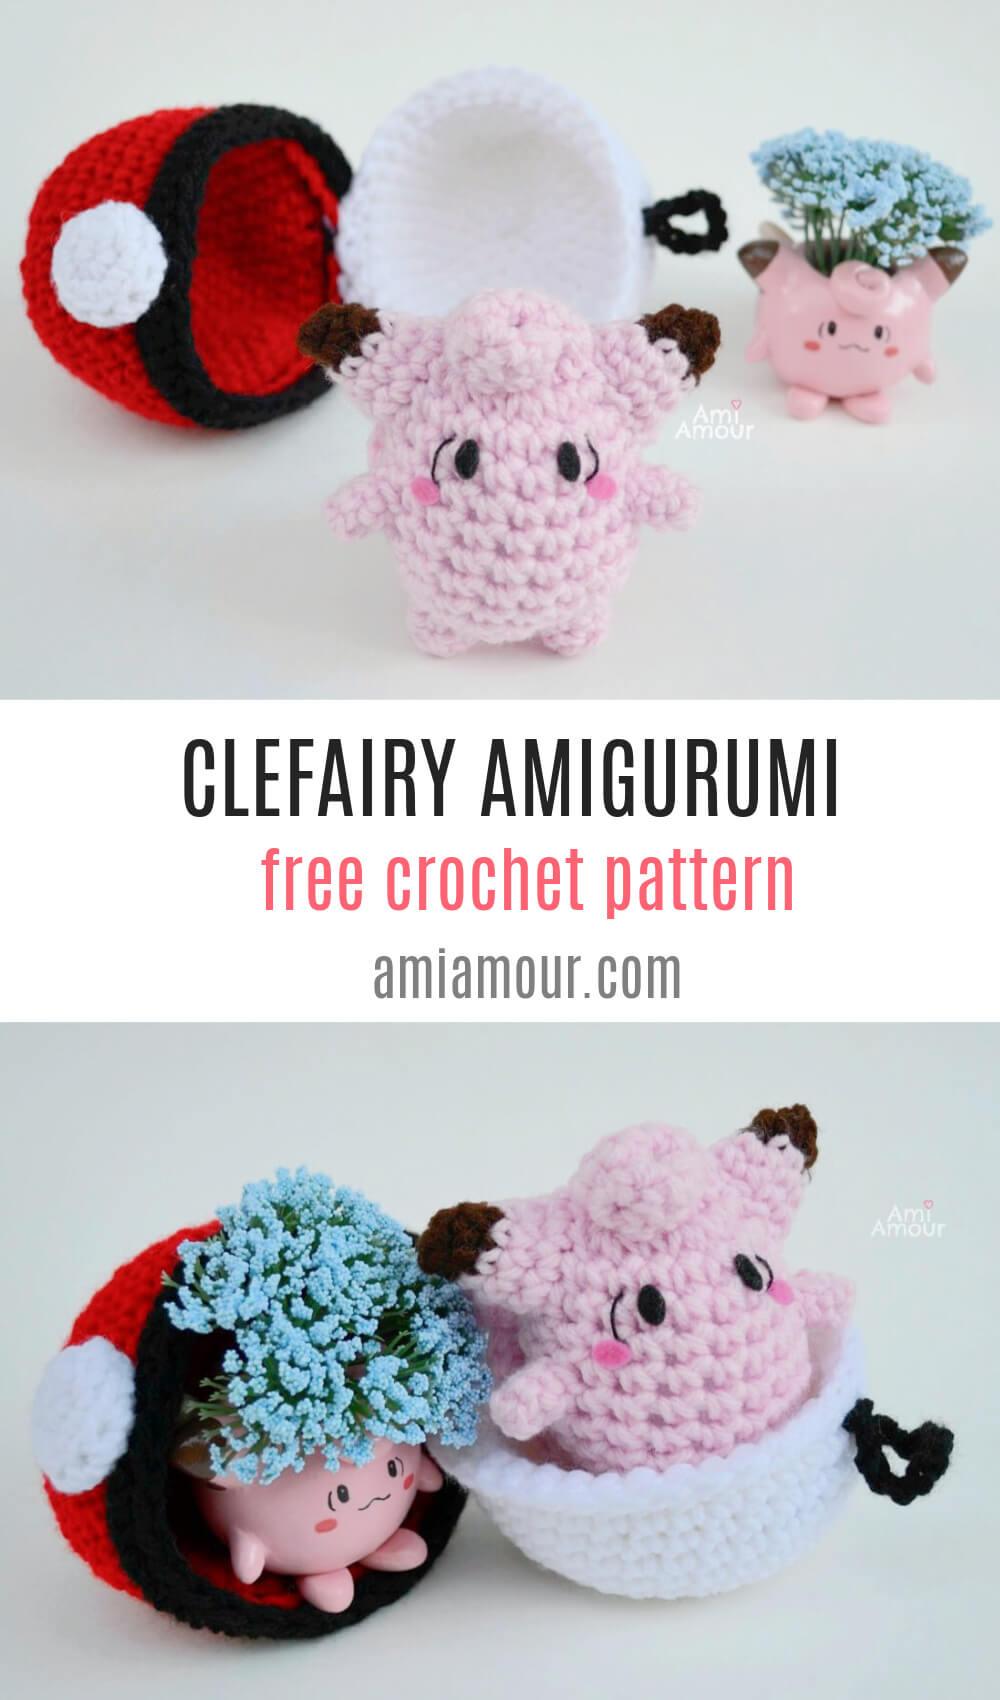 Clefairy - Free Crochet Pattern